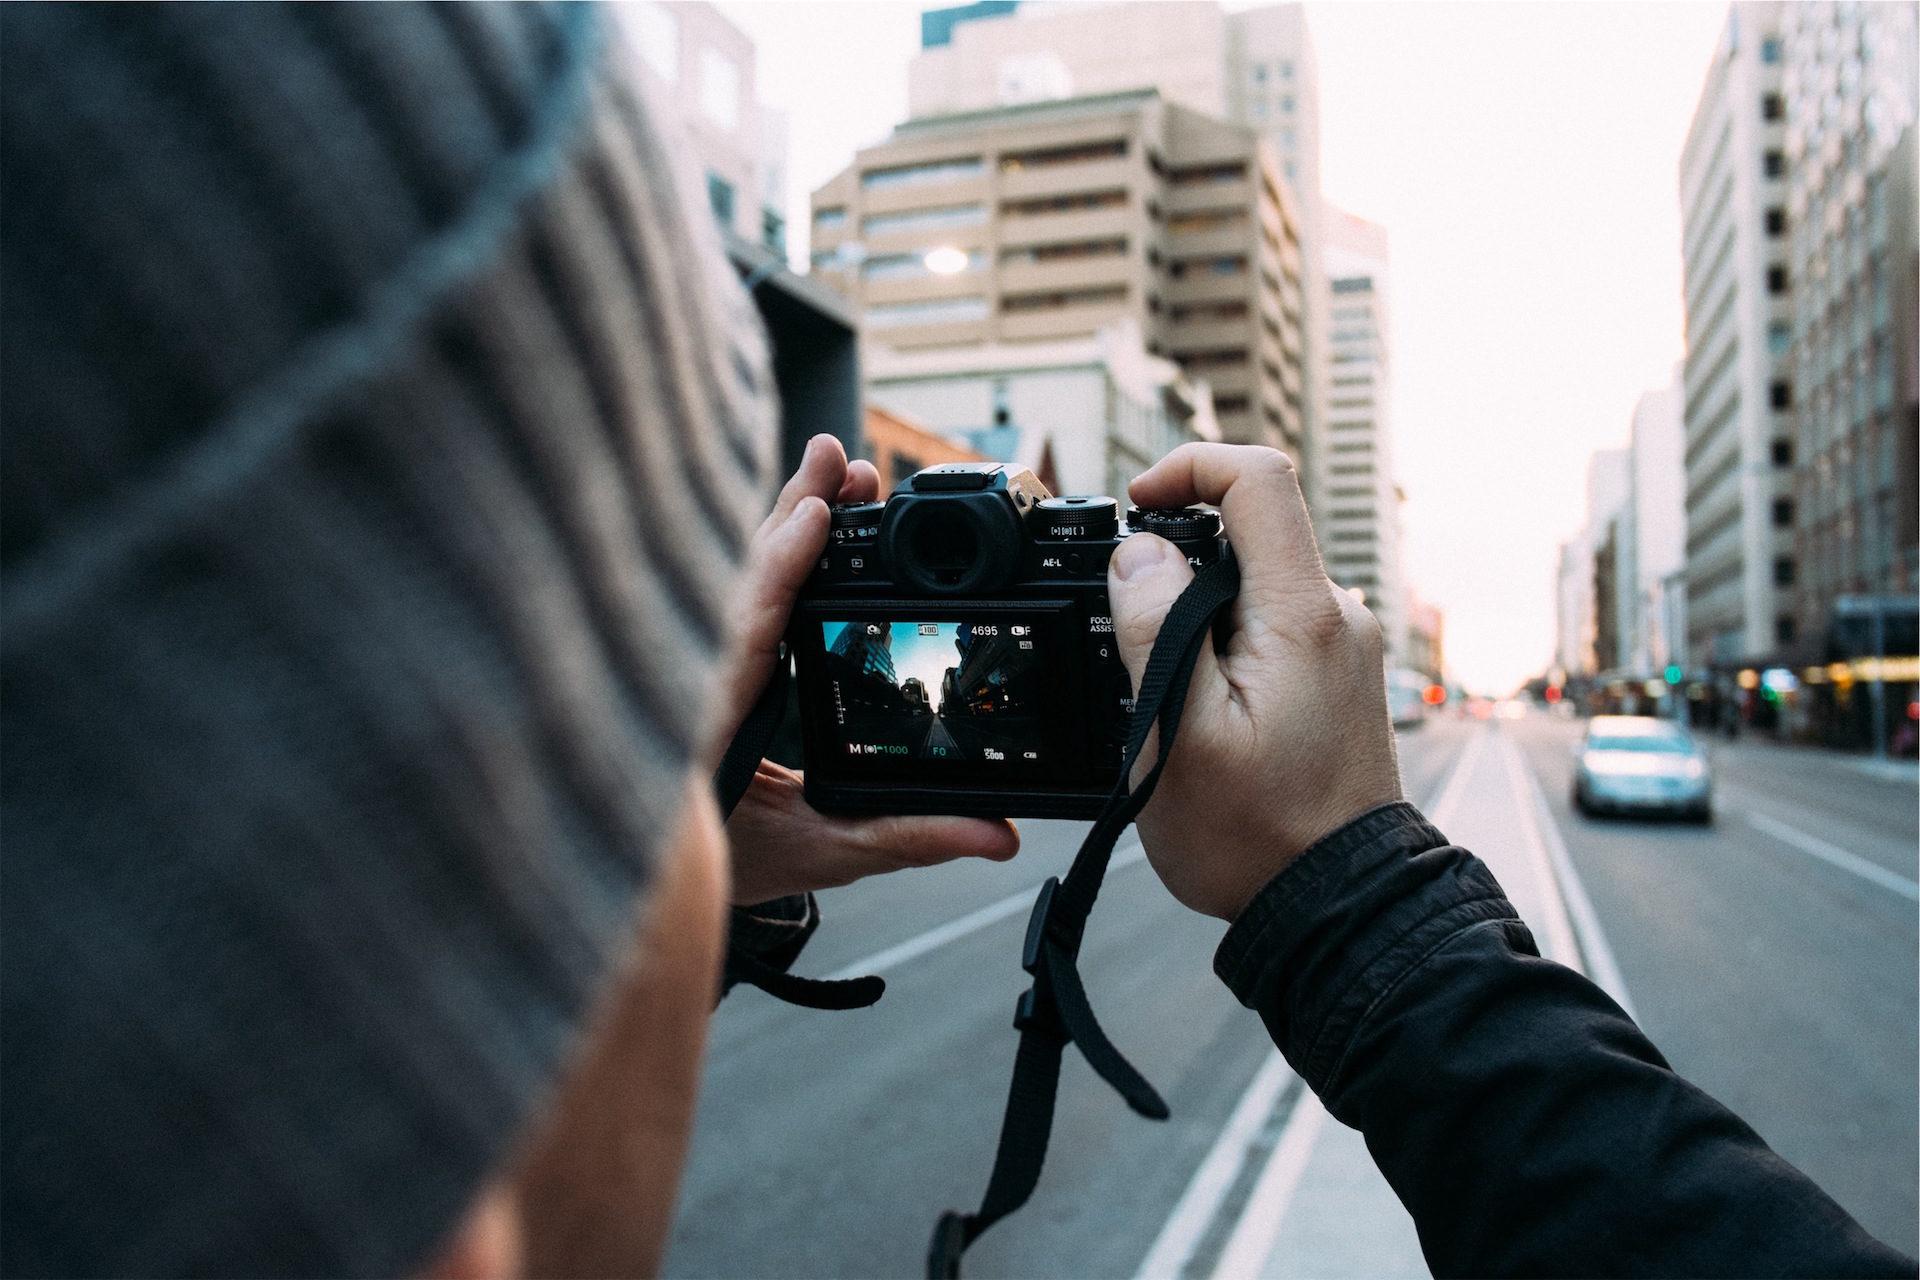 城市, 男子, 相机, 摄影, 旅游 - 高清壁纸 - 教授-falken.com